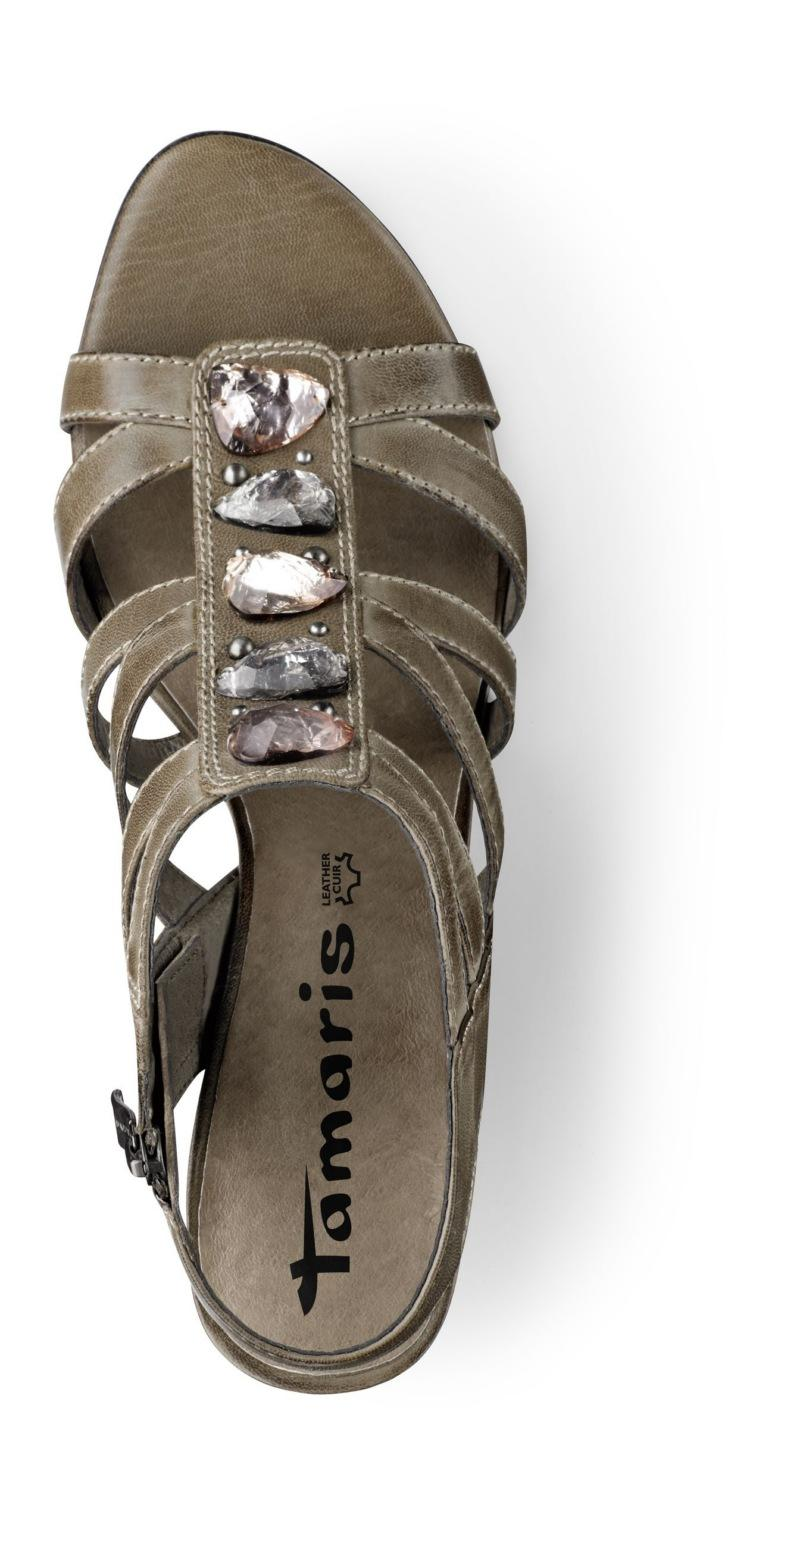 Sandały i klapki dla niej - Tamaris na lato 2011